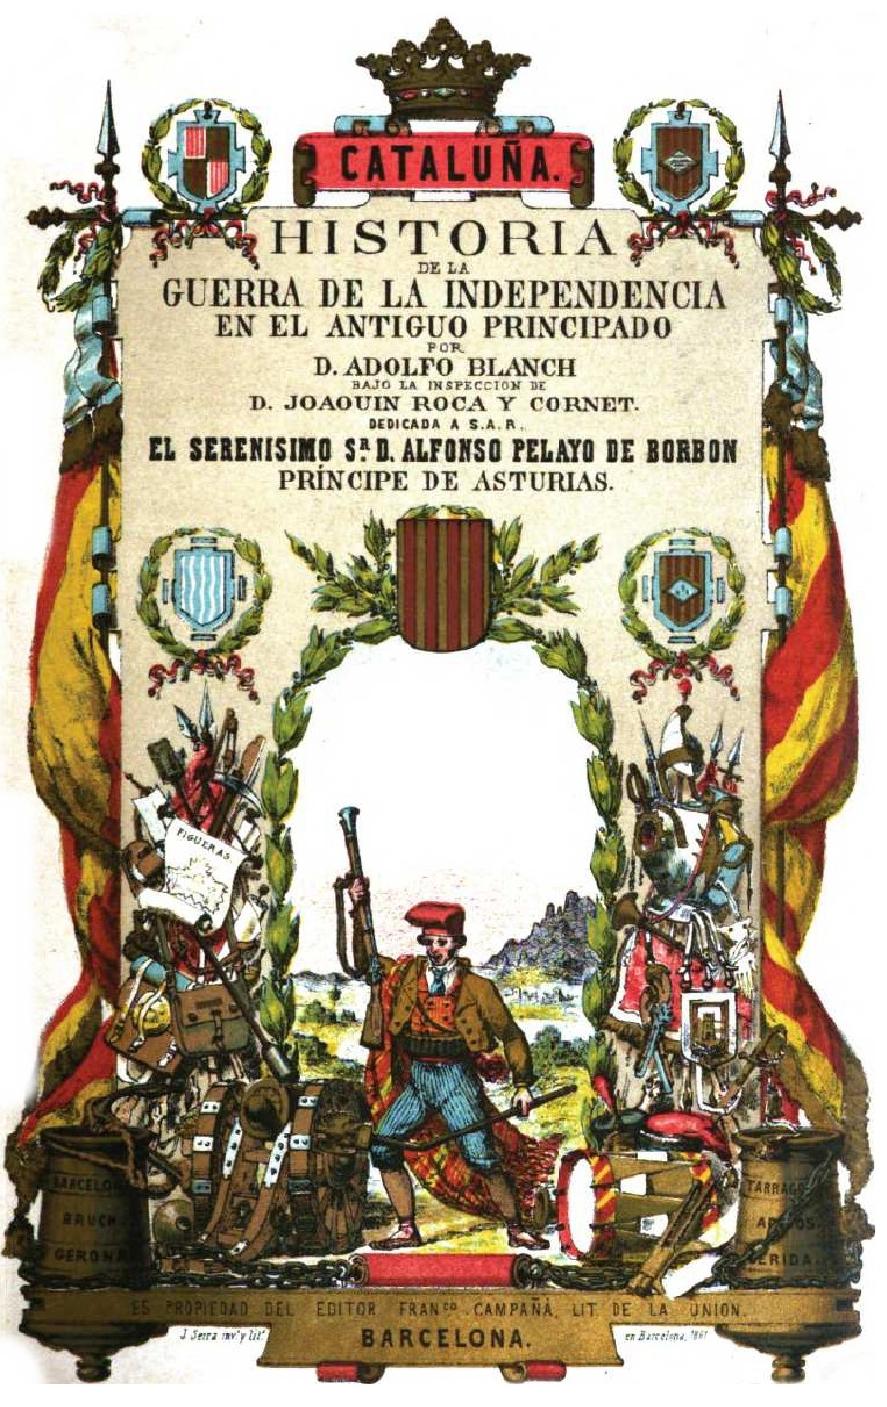 GERONA.  HISTORIA DE LA GUERRA DE LA INDEPENDENCIA EN EL ANTIGUO PRINCIPADO.BARCELONA. 1861